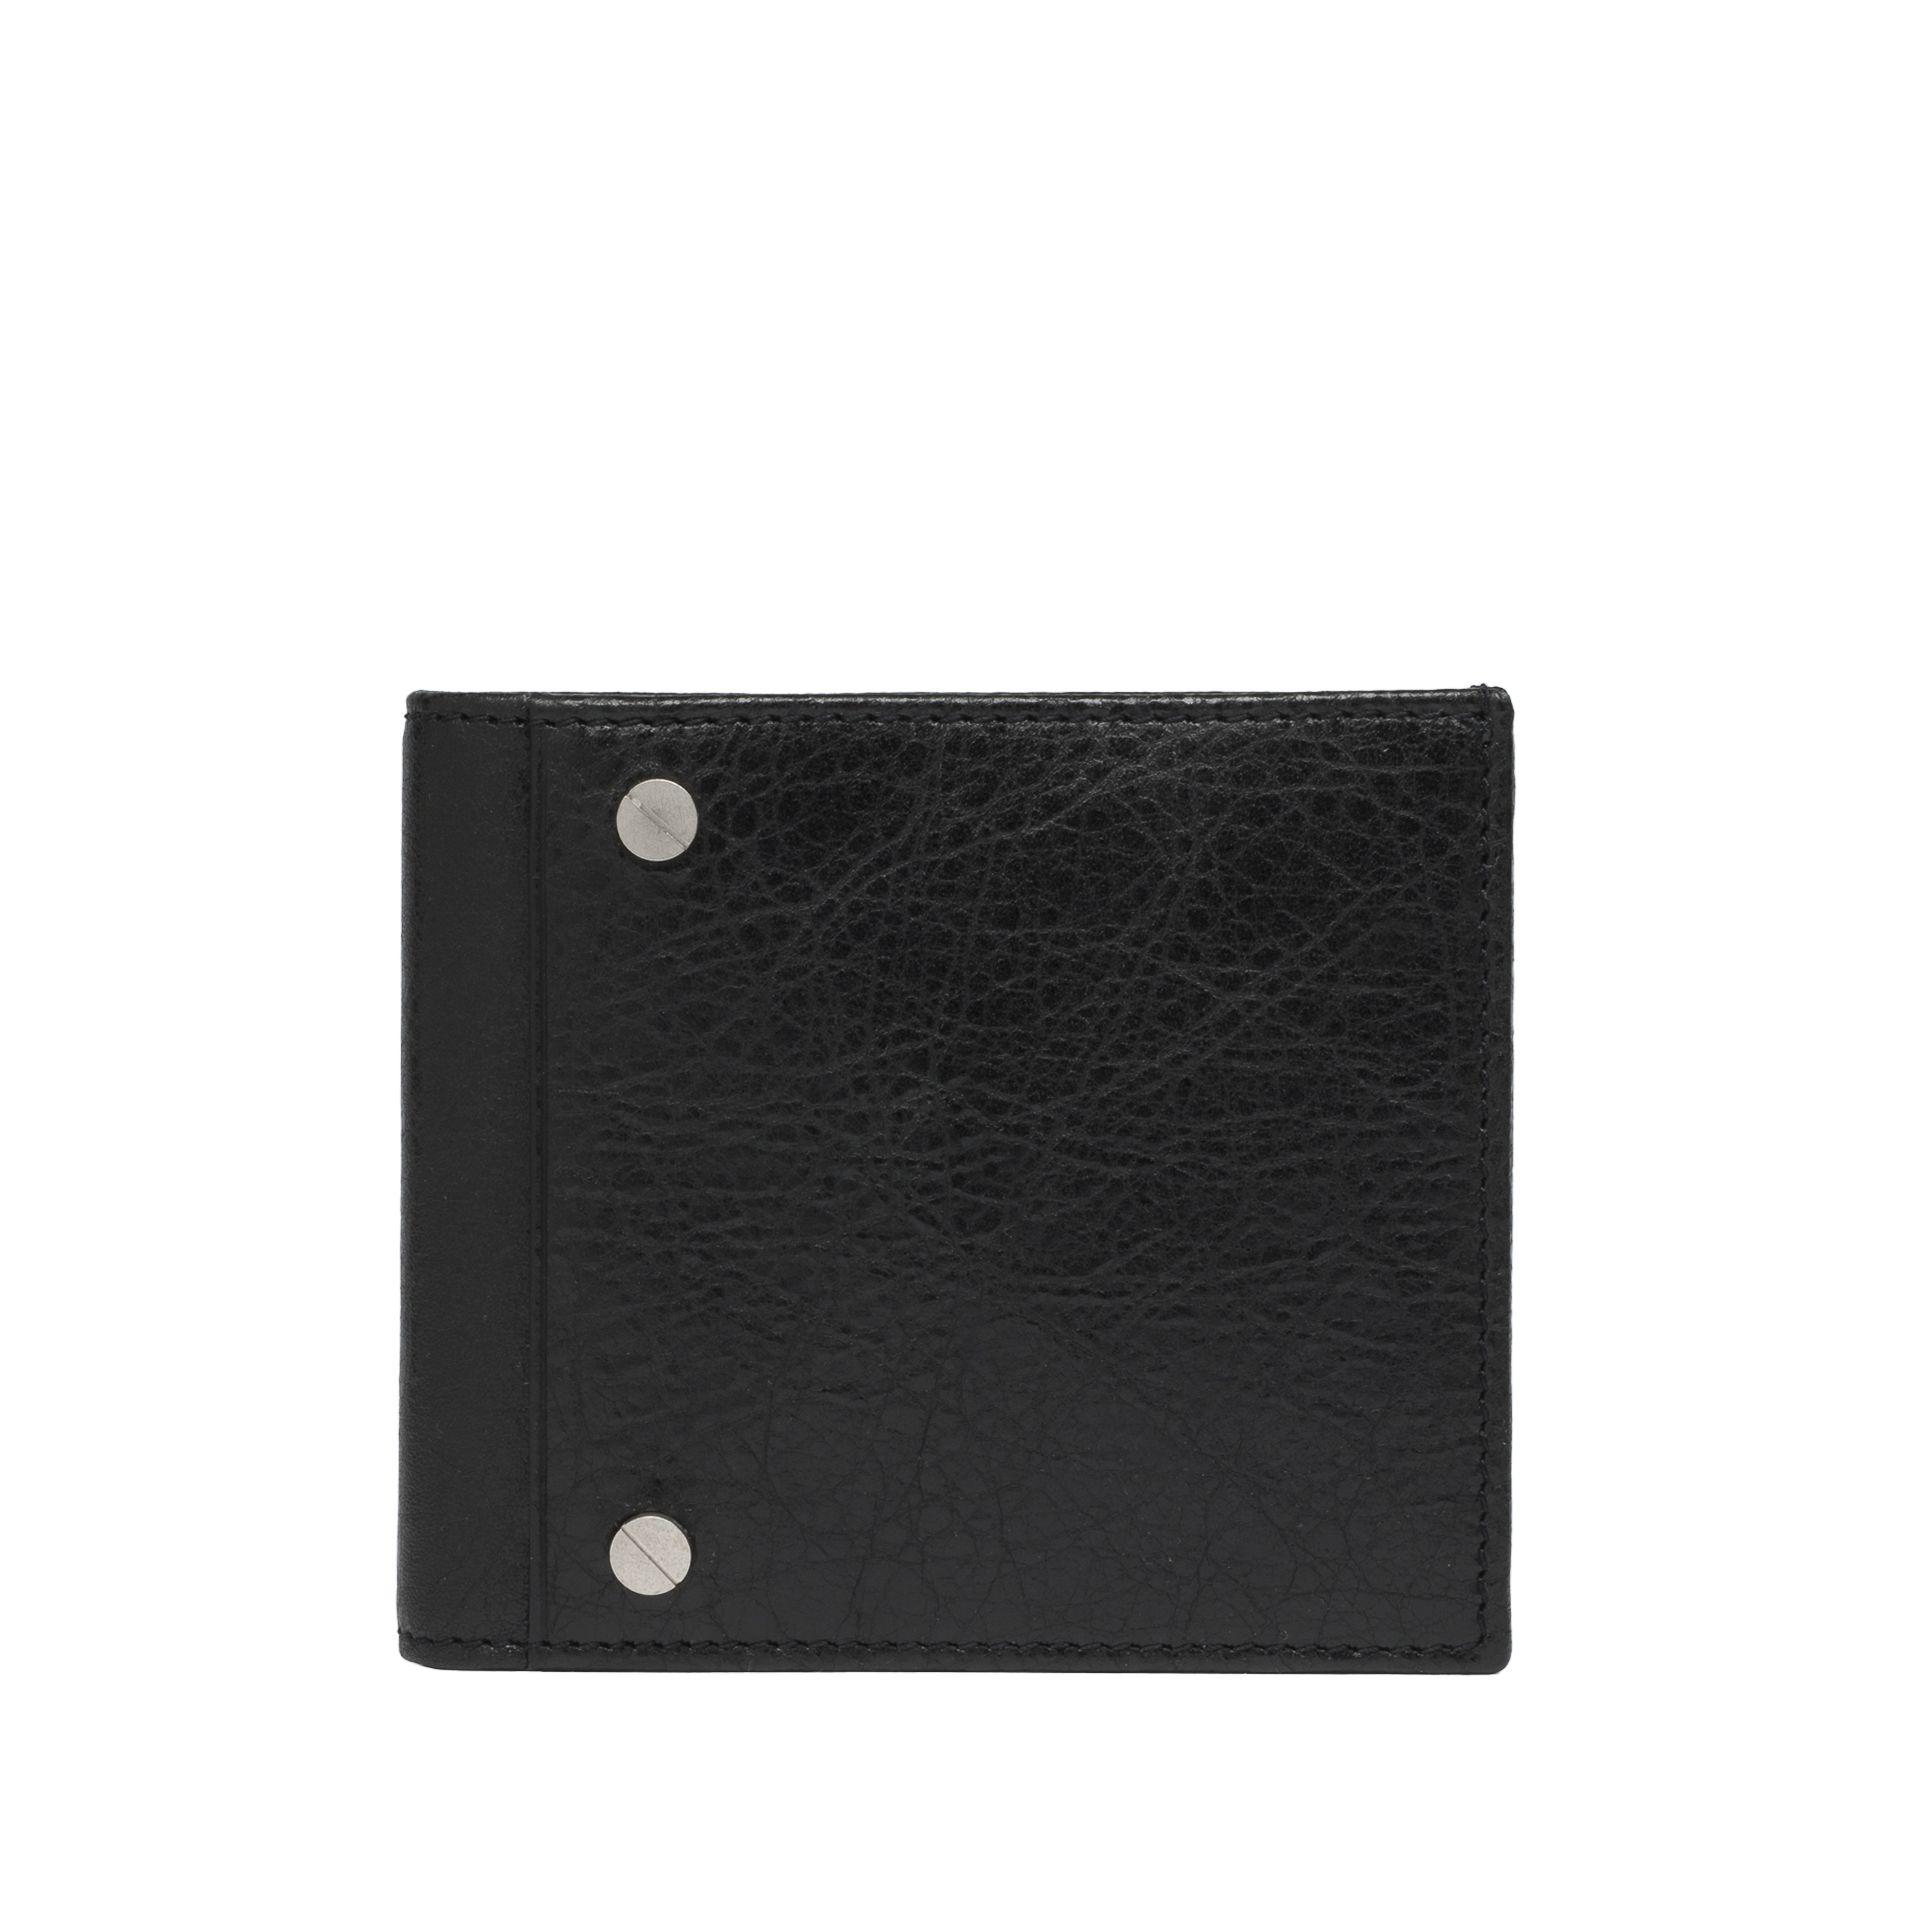 BALENCIAGA Balenciaga Square Coin Wallet Wallet U f